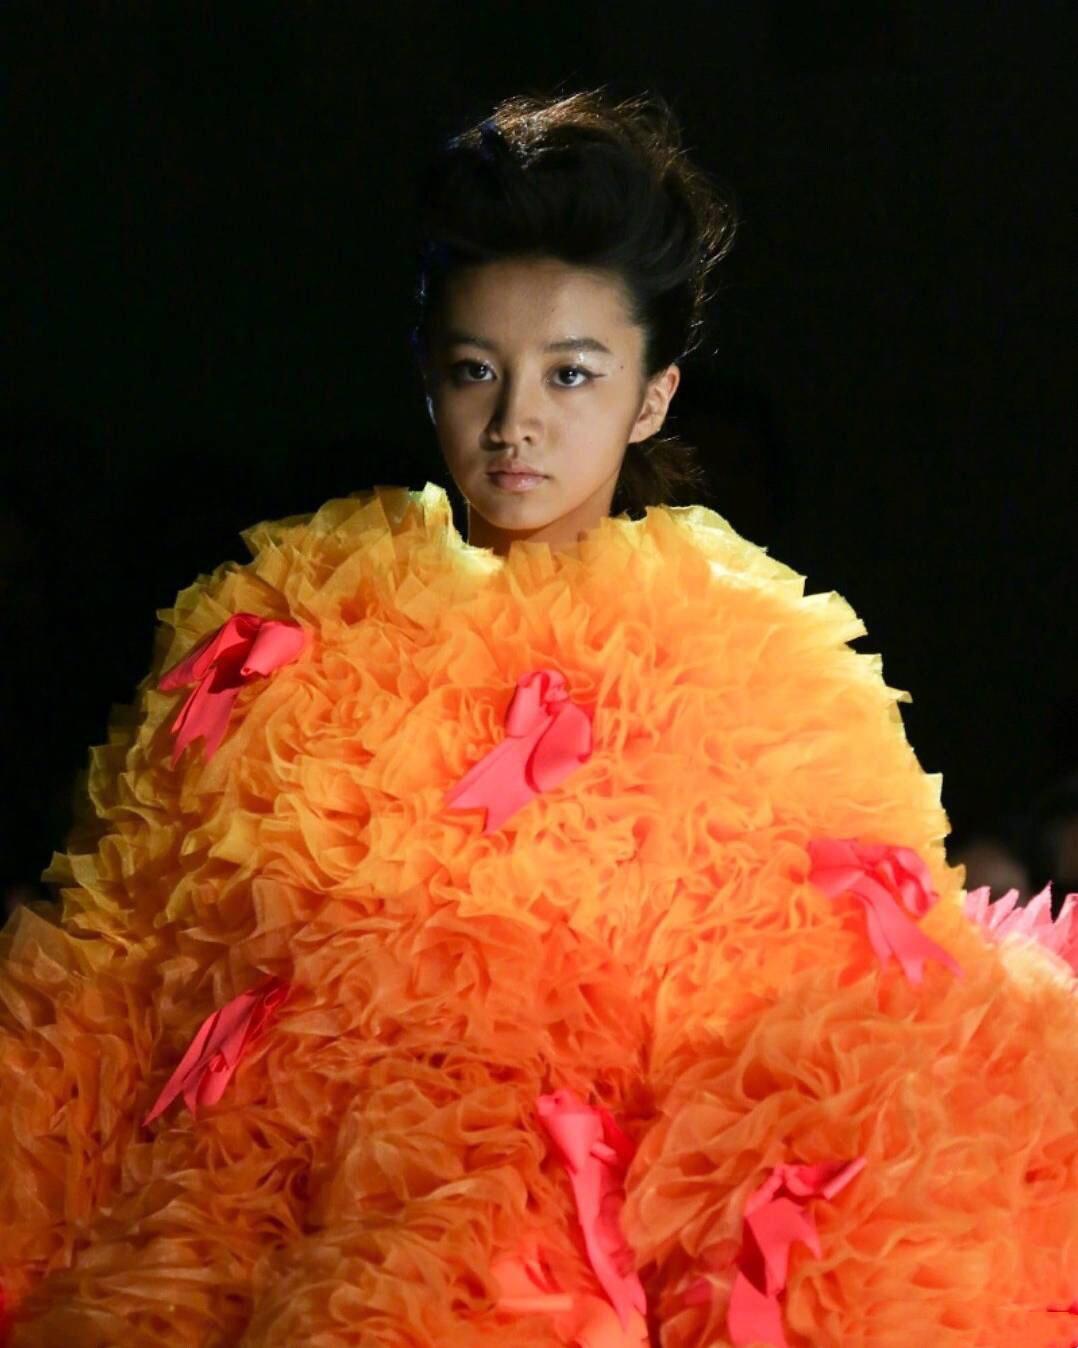 木村光希第三次登台走秀,造型夸张穿得像炸鸡,全靠个高长腿硬撑